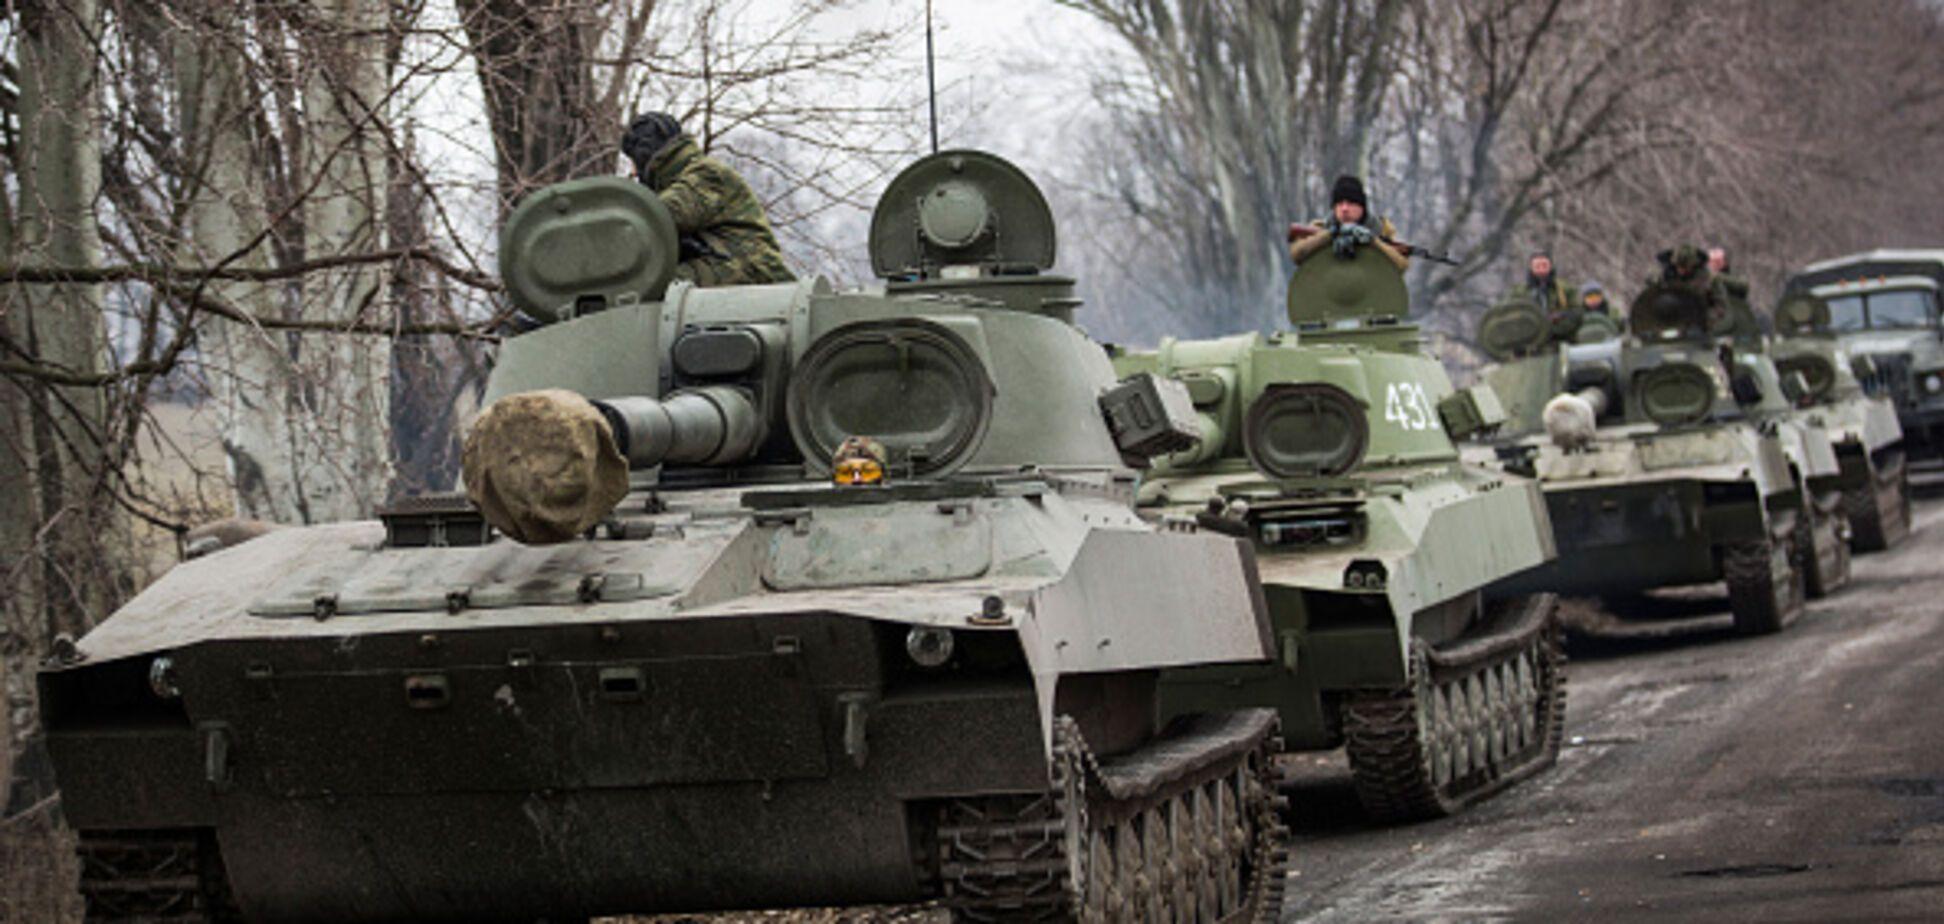 Стягують сили: терористи готують чергову провокацію на Донбасі